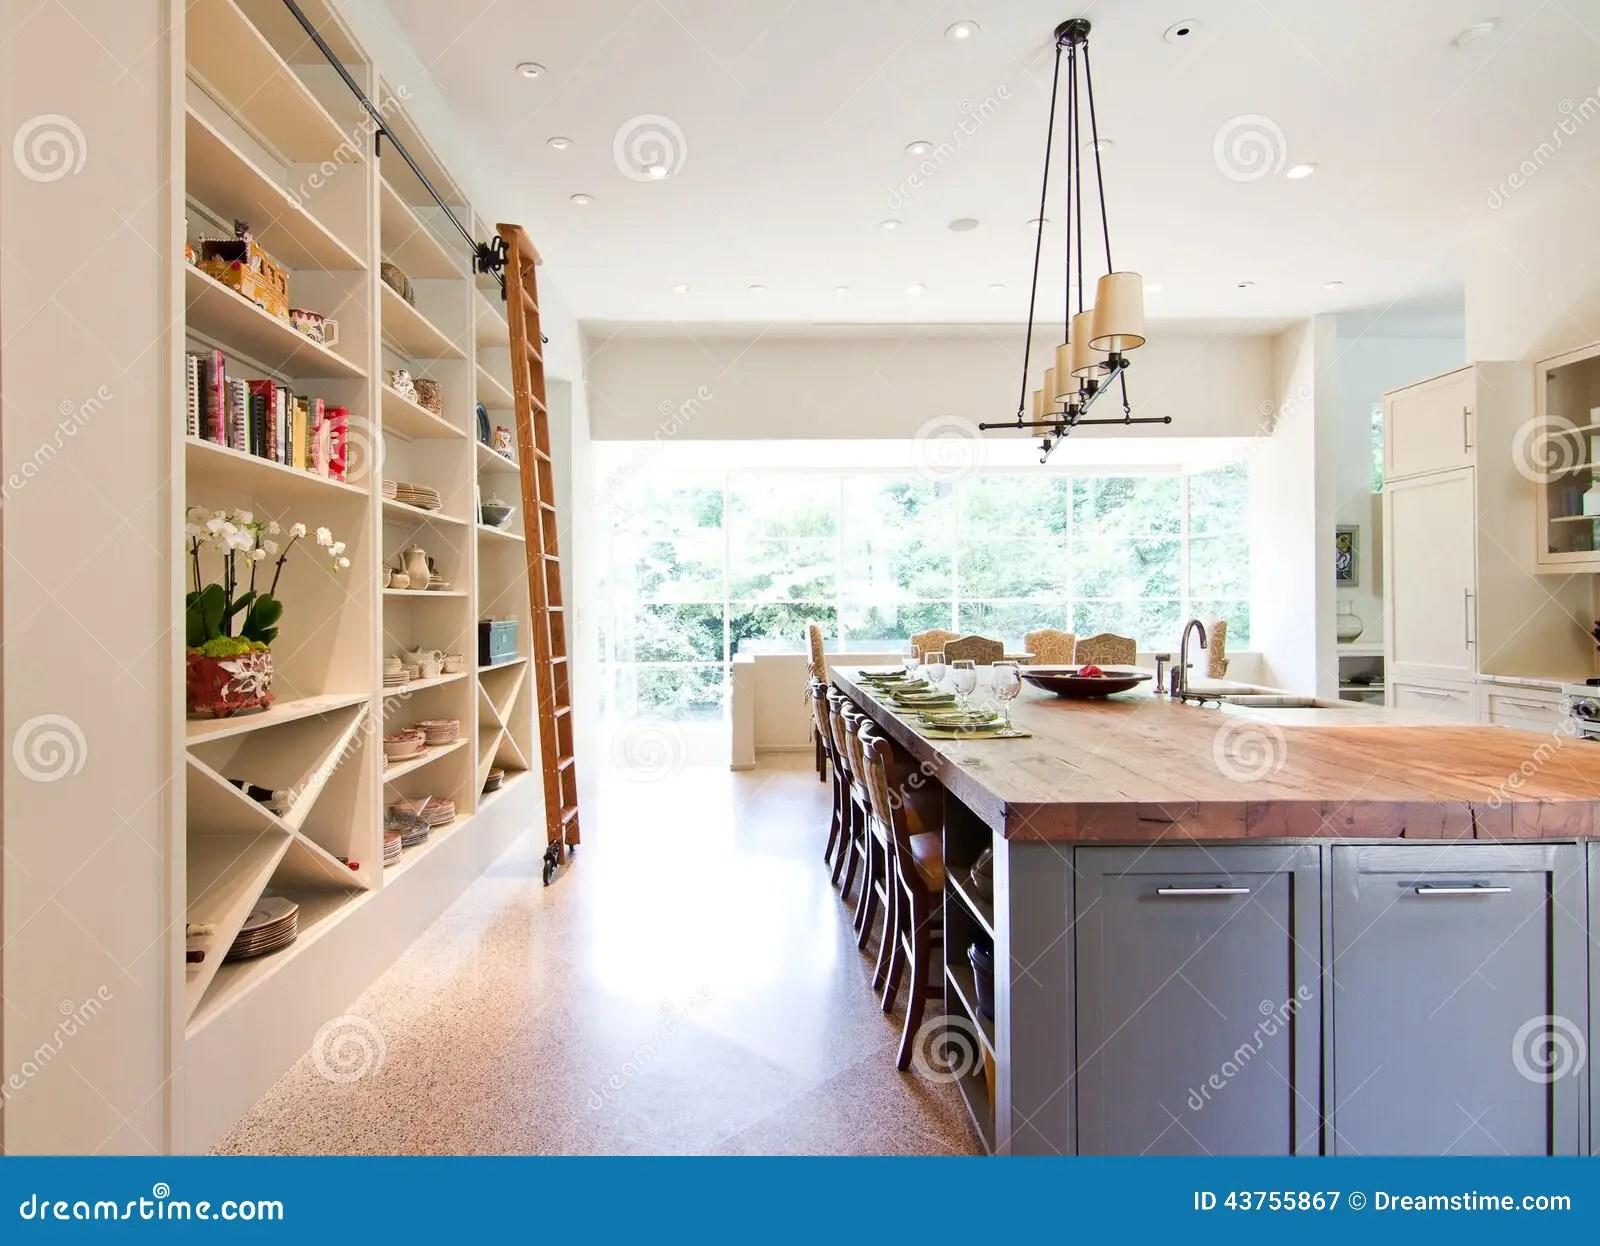 kitchen island butcher block vinyl floor tiles modern top stock image of